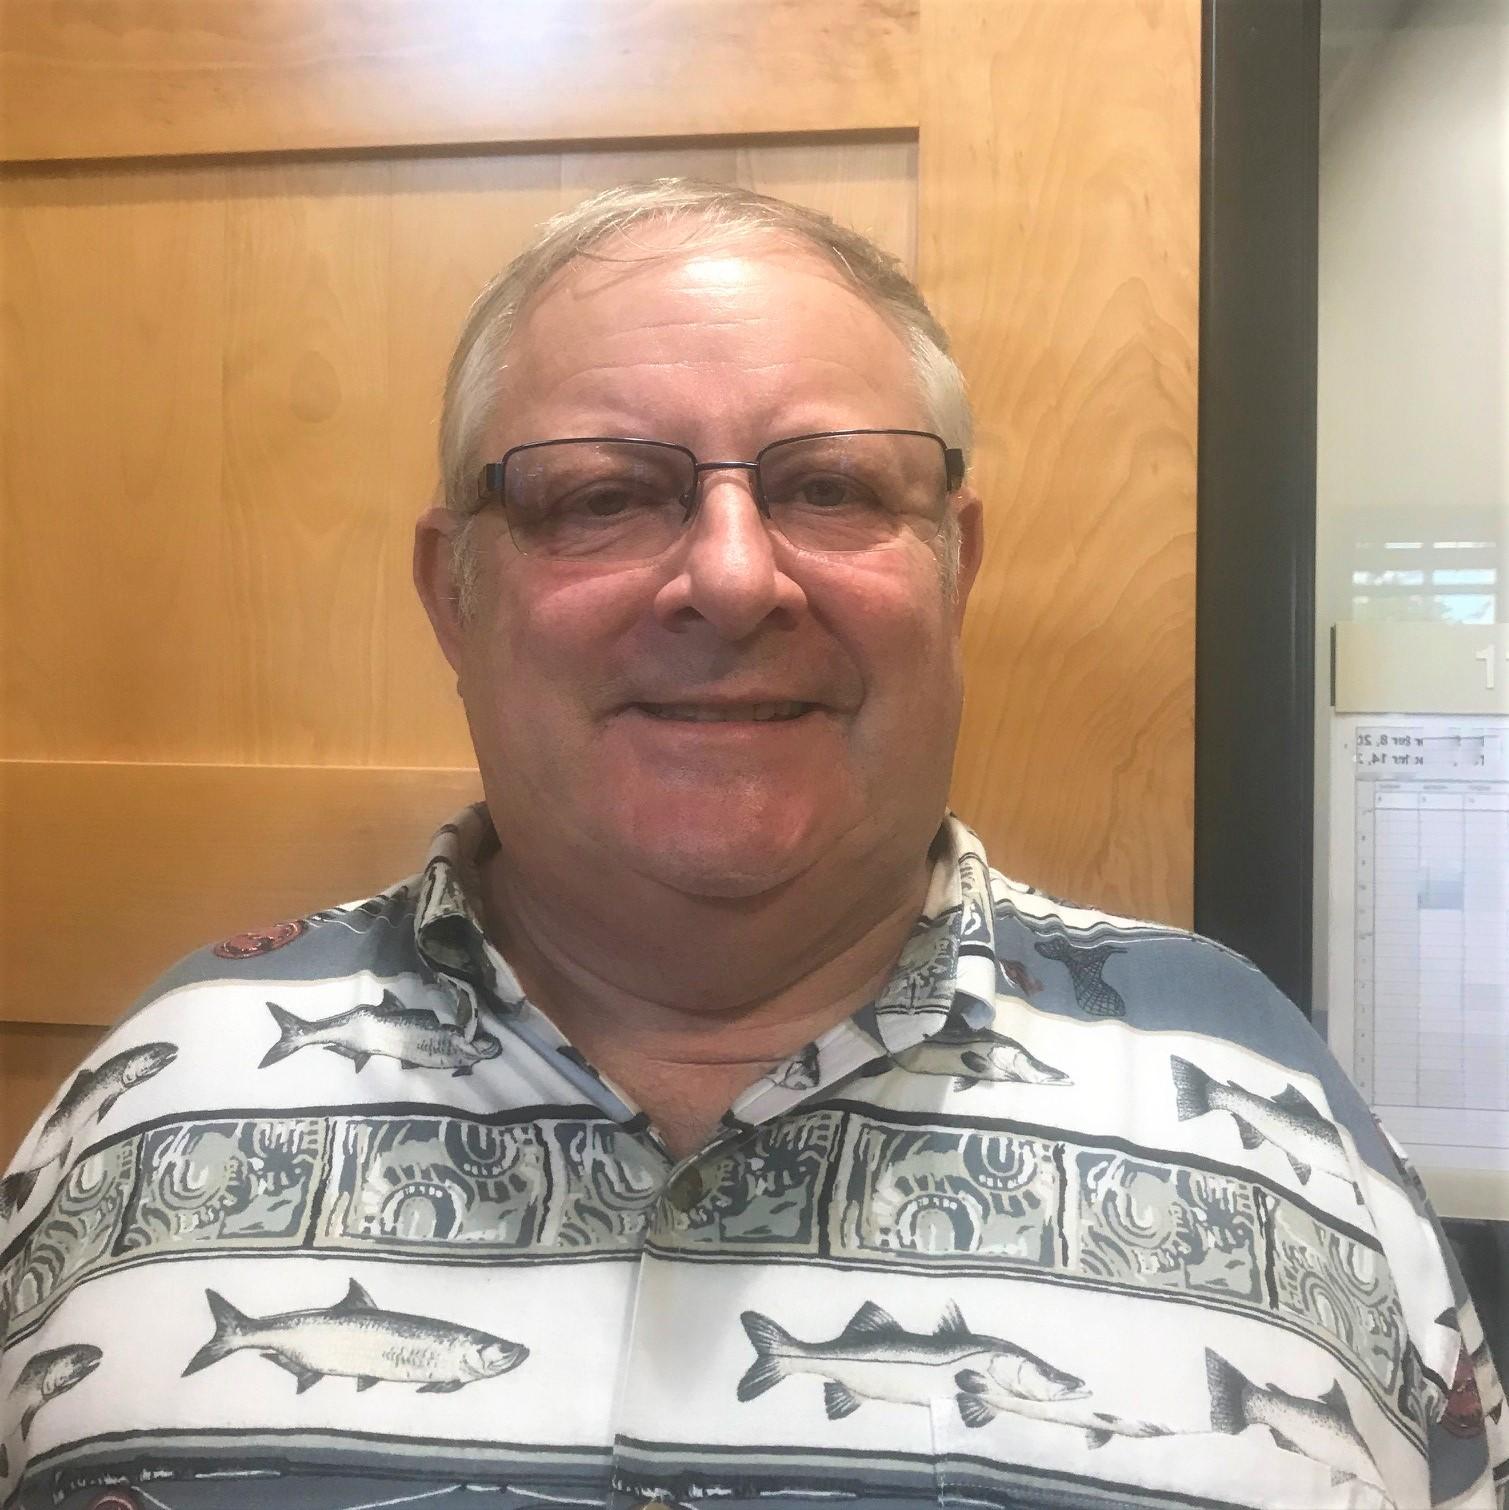 portrait of CDL instructor Buzz Wilcox